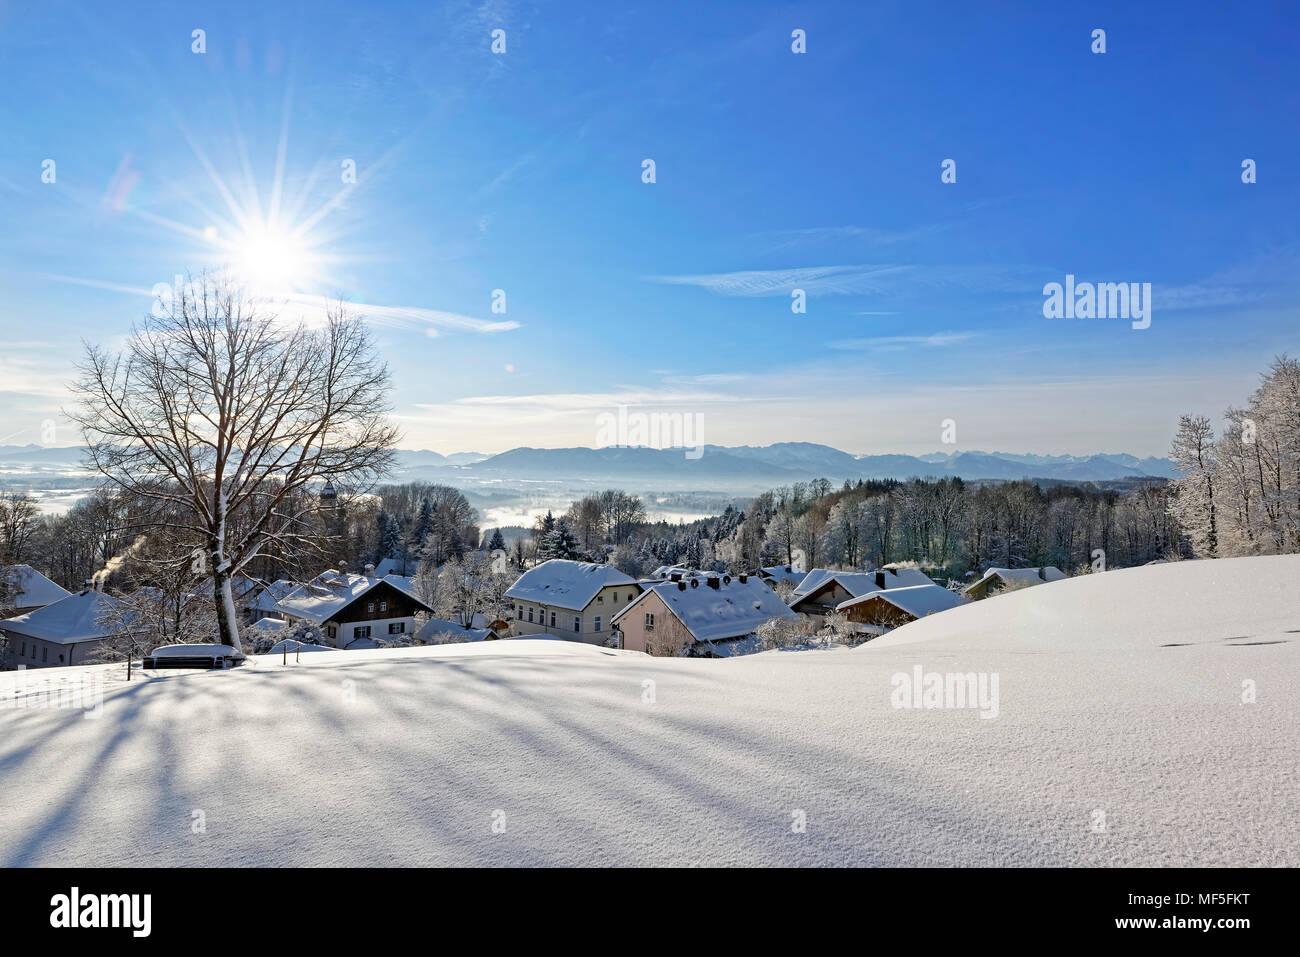 Winterlandschaft, Blick vom Schlossberg Eurasburg auf Loisachtal, Eurasburg, Oberbayern, Bayern, Deutschland Stock Photo